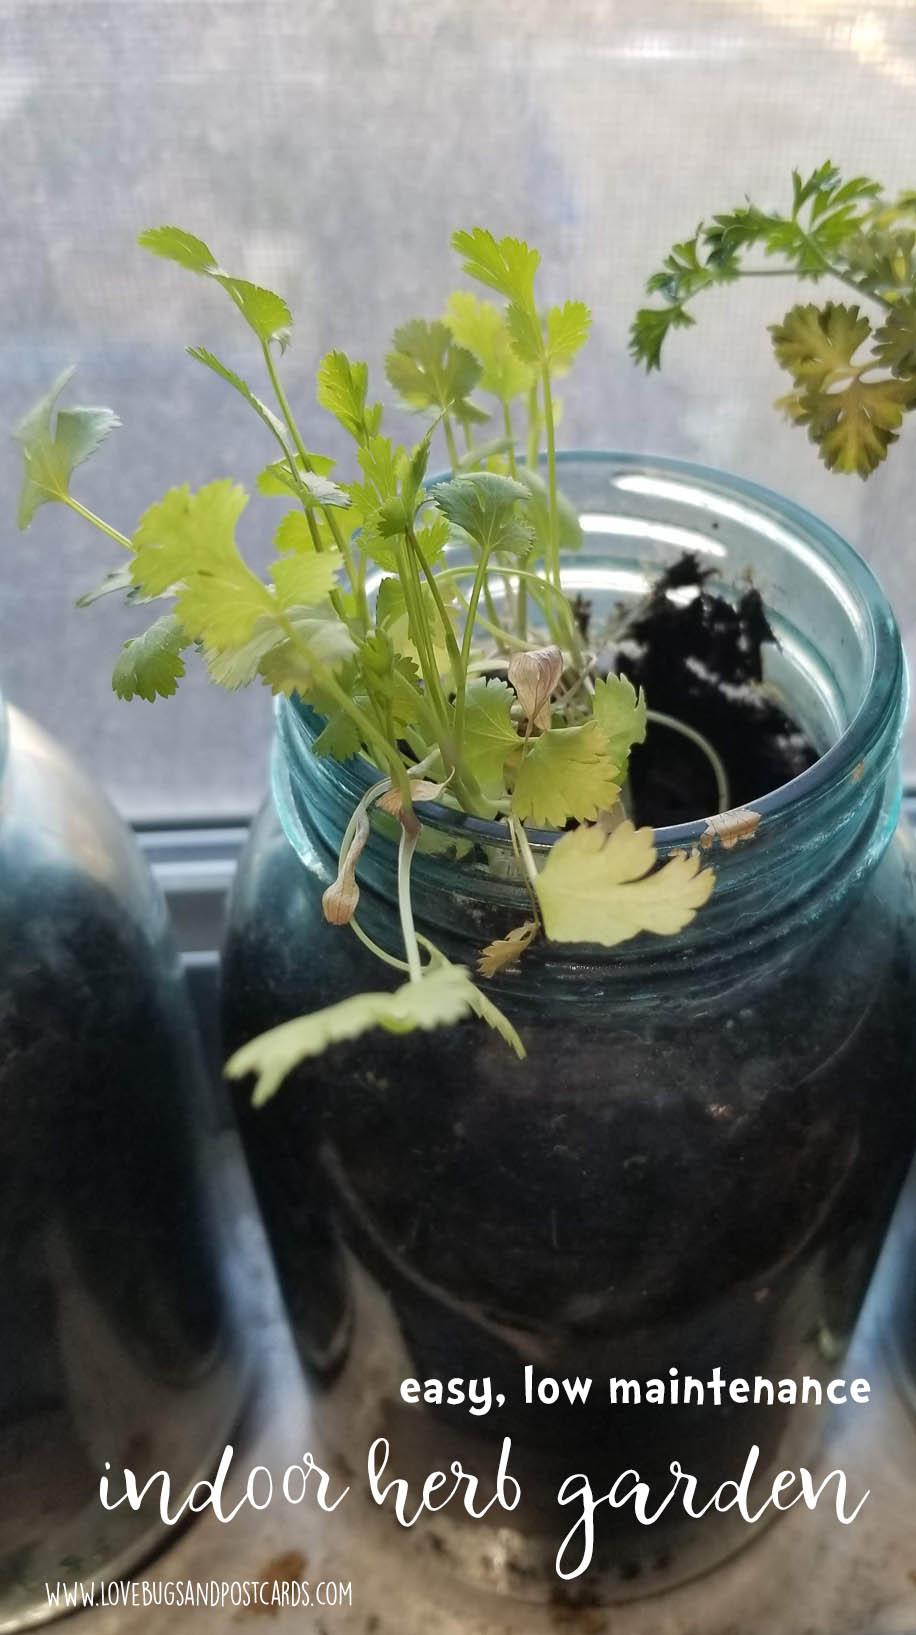 Indoor Herb Garden DIY in mason jars - Cilantro